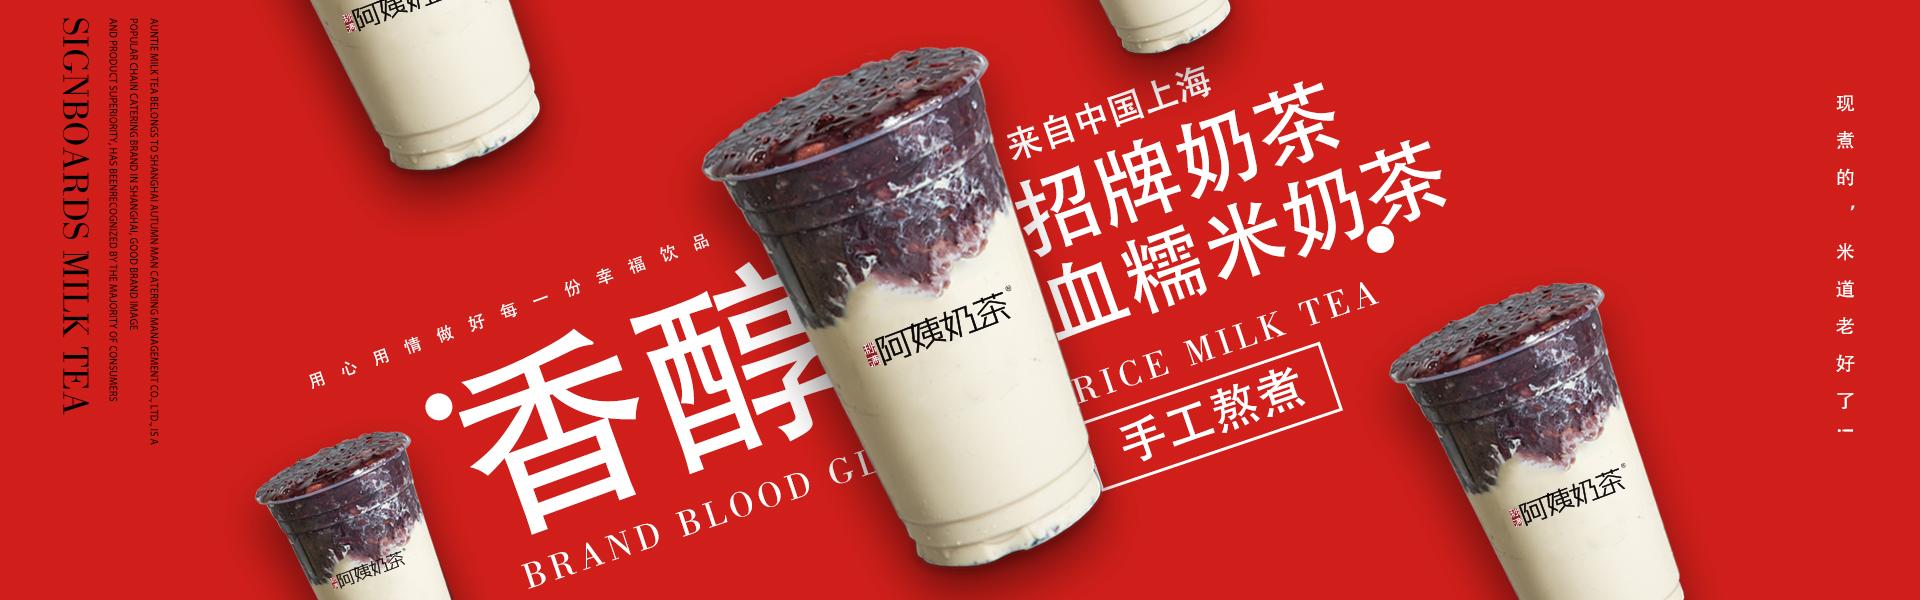 上海秋滿餐飲管理有限公司